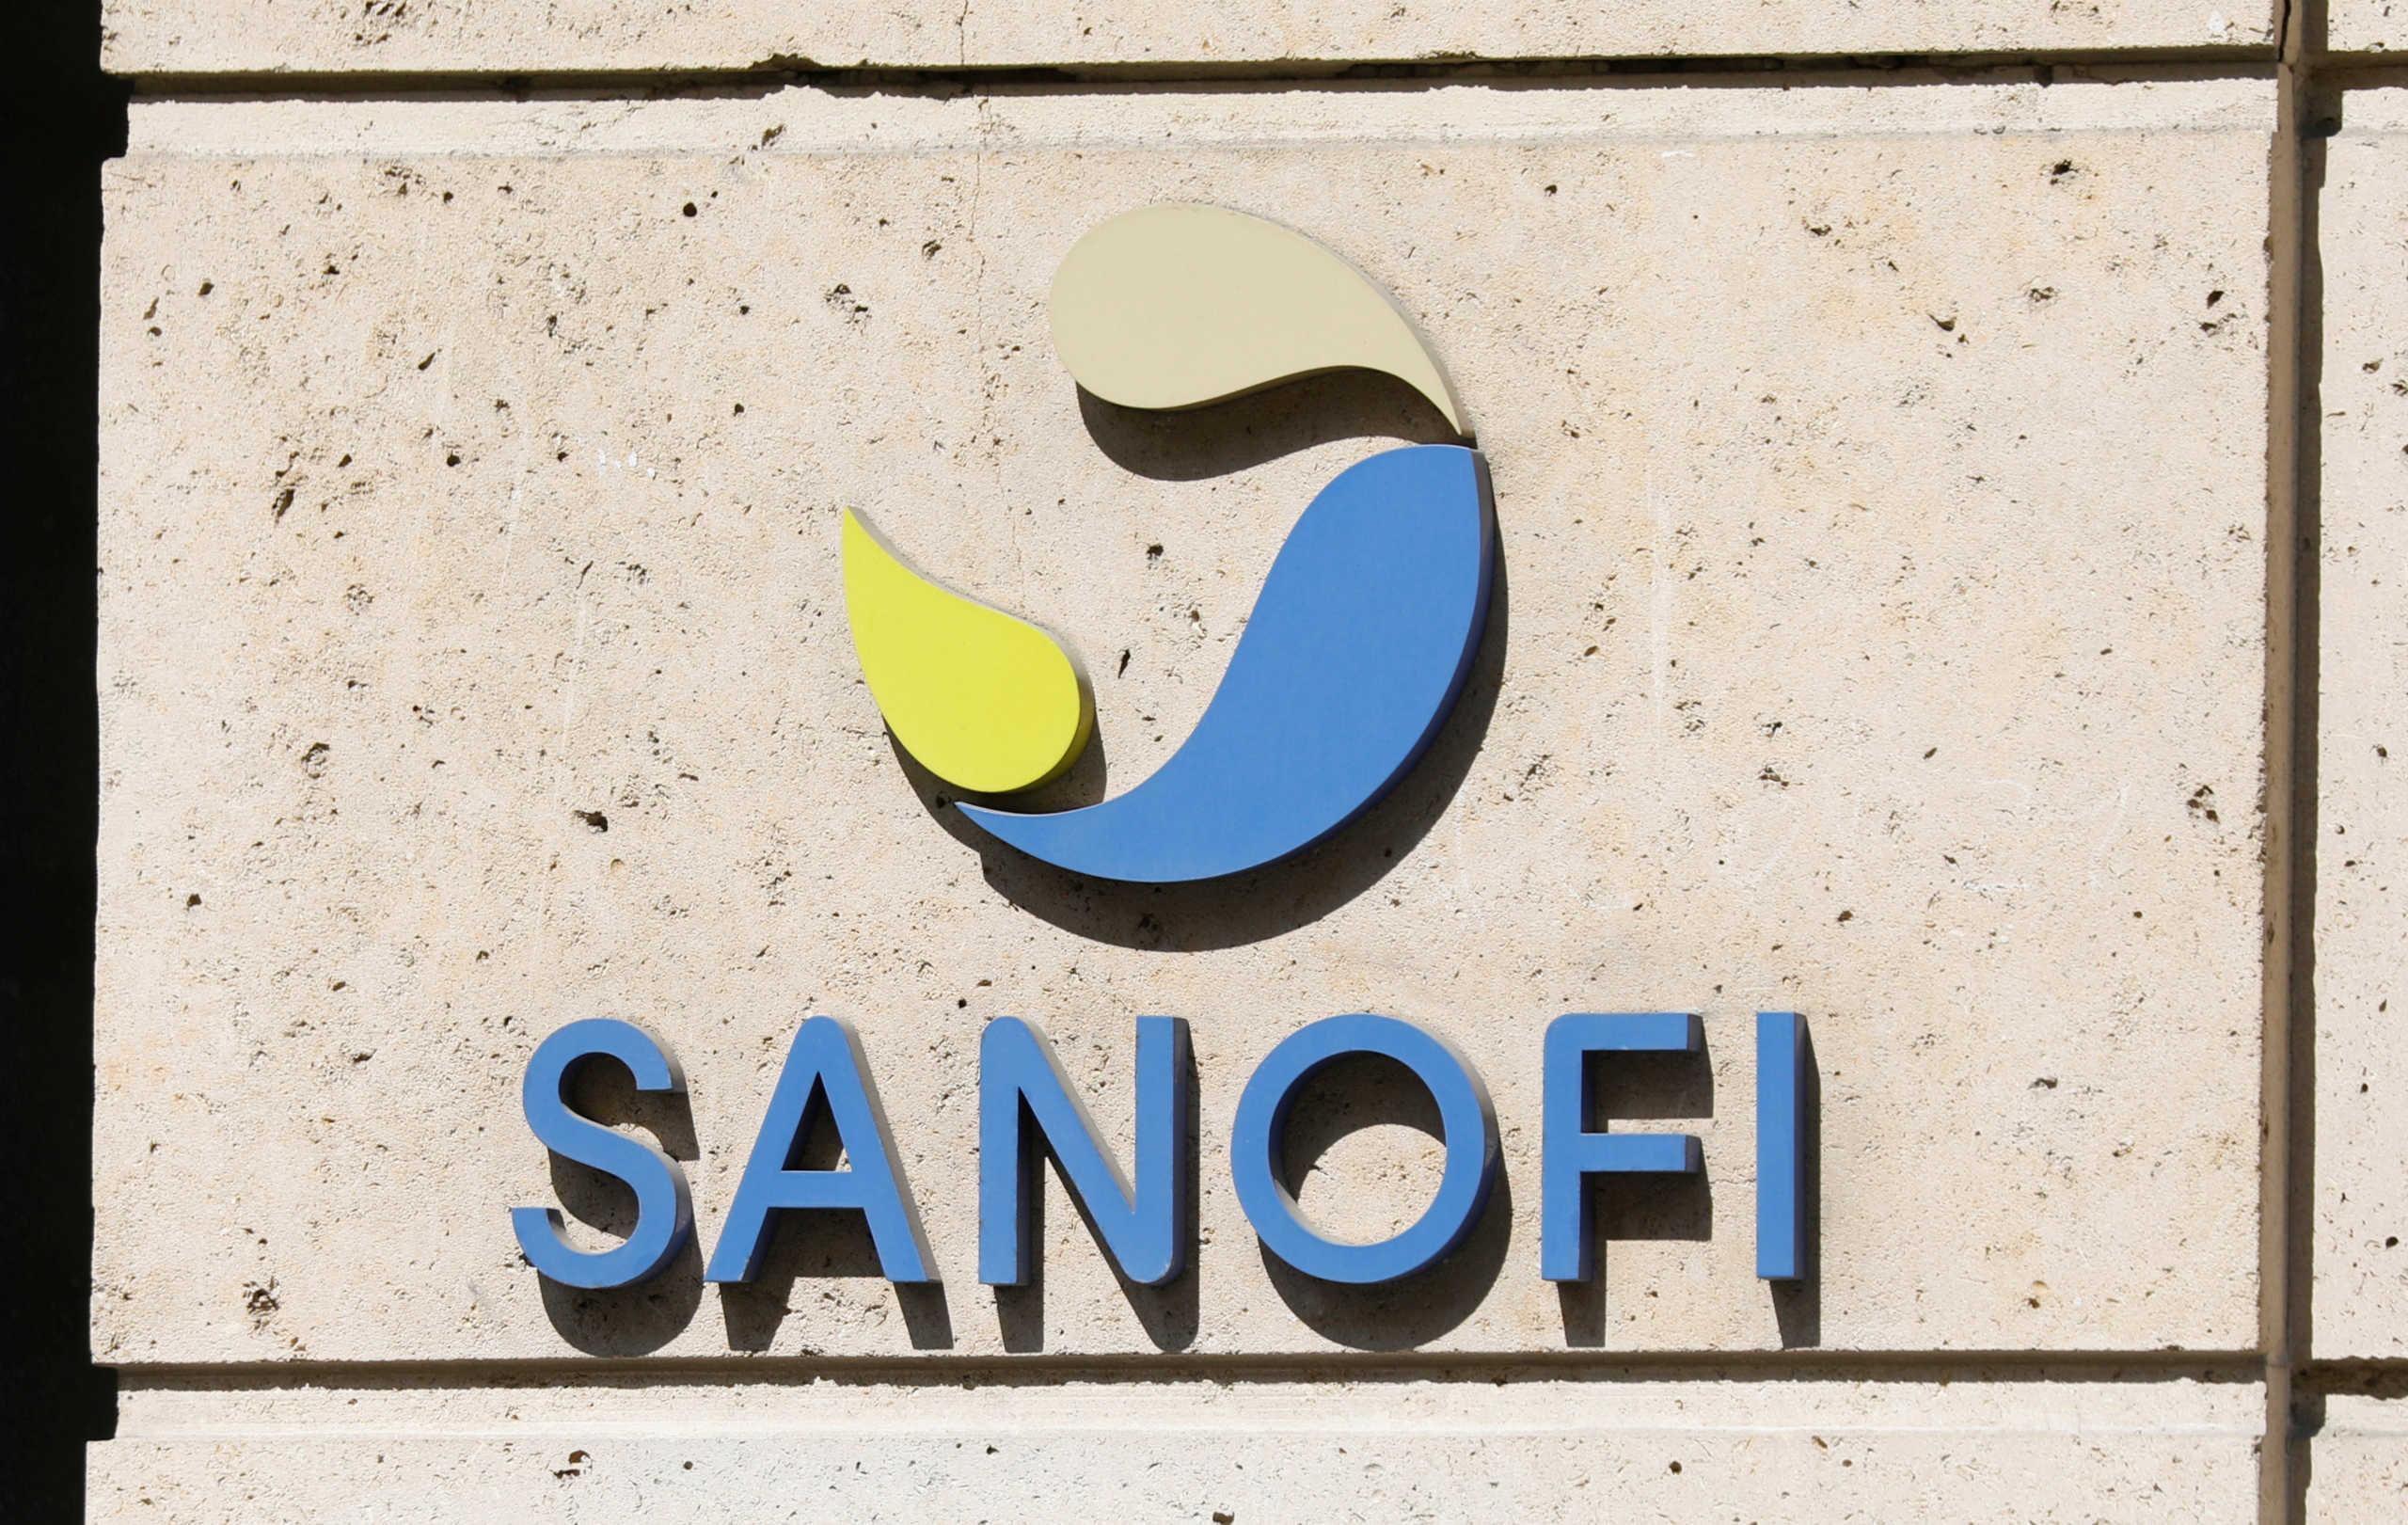 Κορονοϊός: Ξεκίνησε η τρίτη φάση του εμβολίου της Sanofi